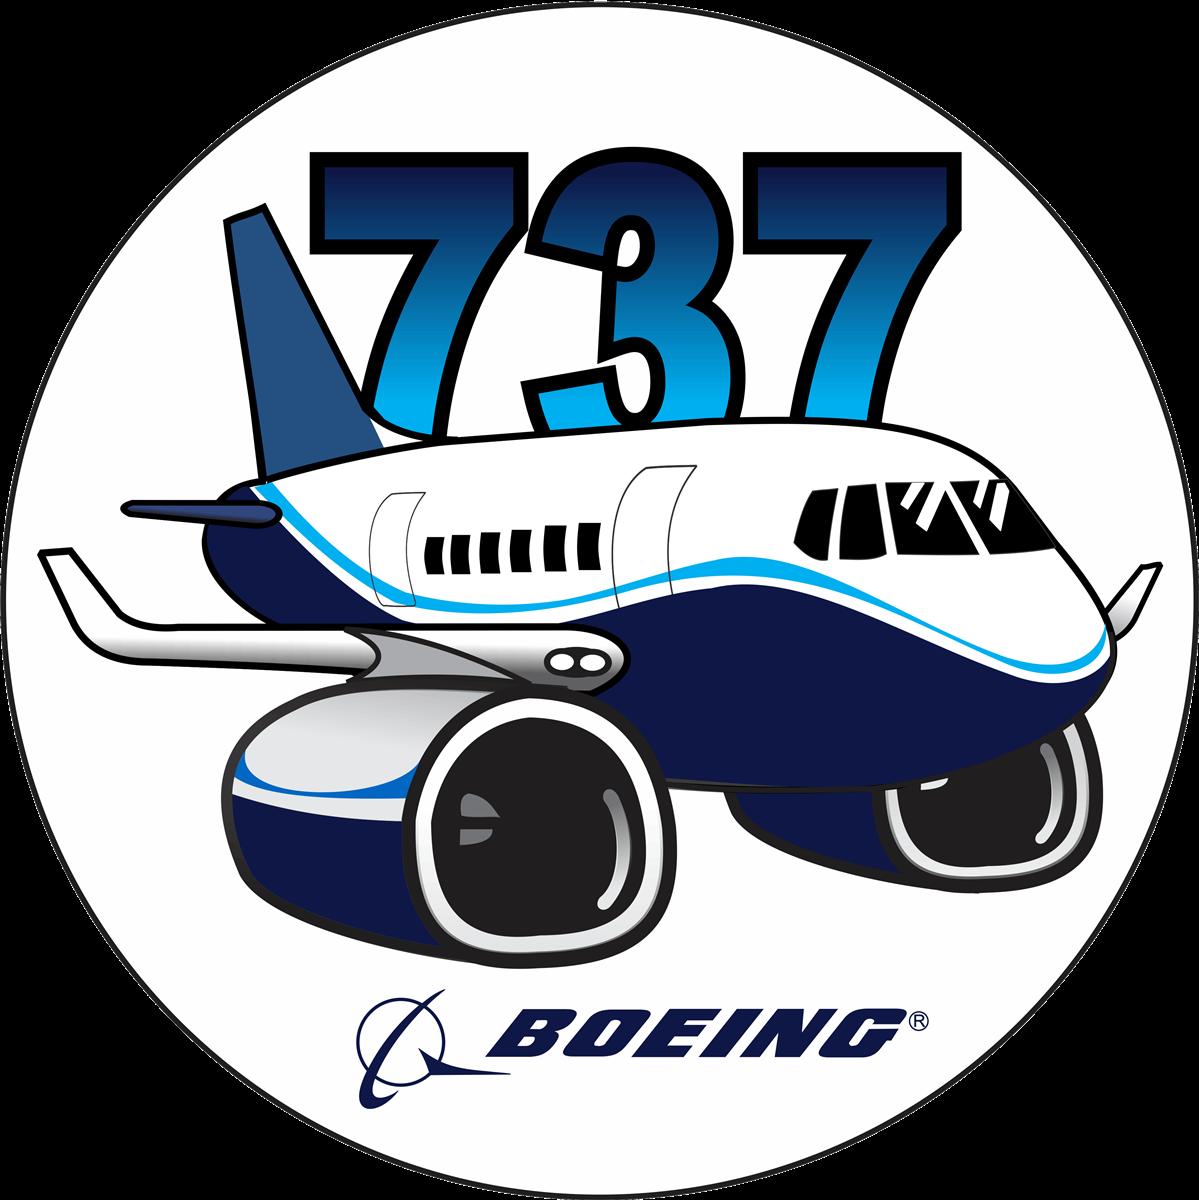 Transportation clipart airplane. Boeing sticker